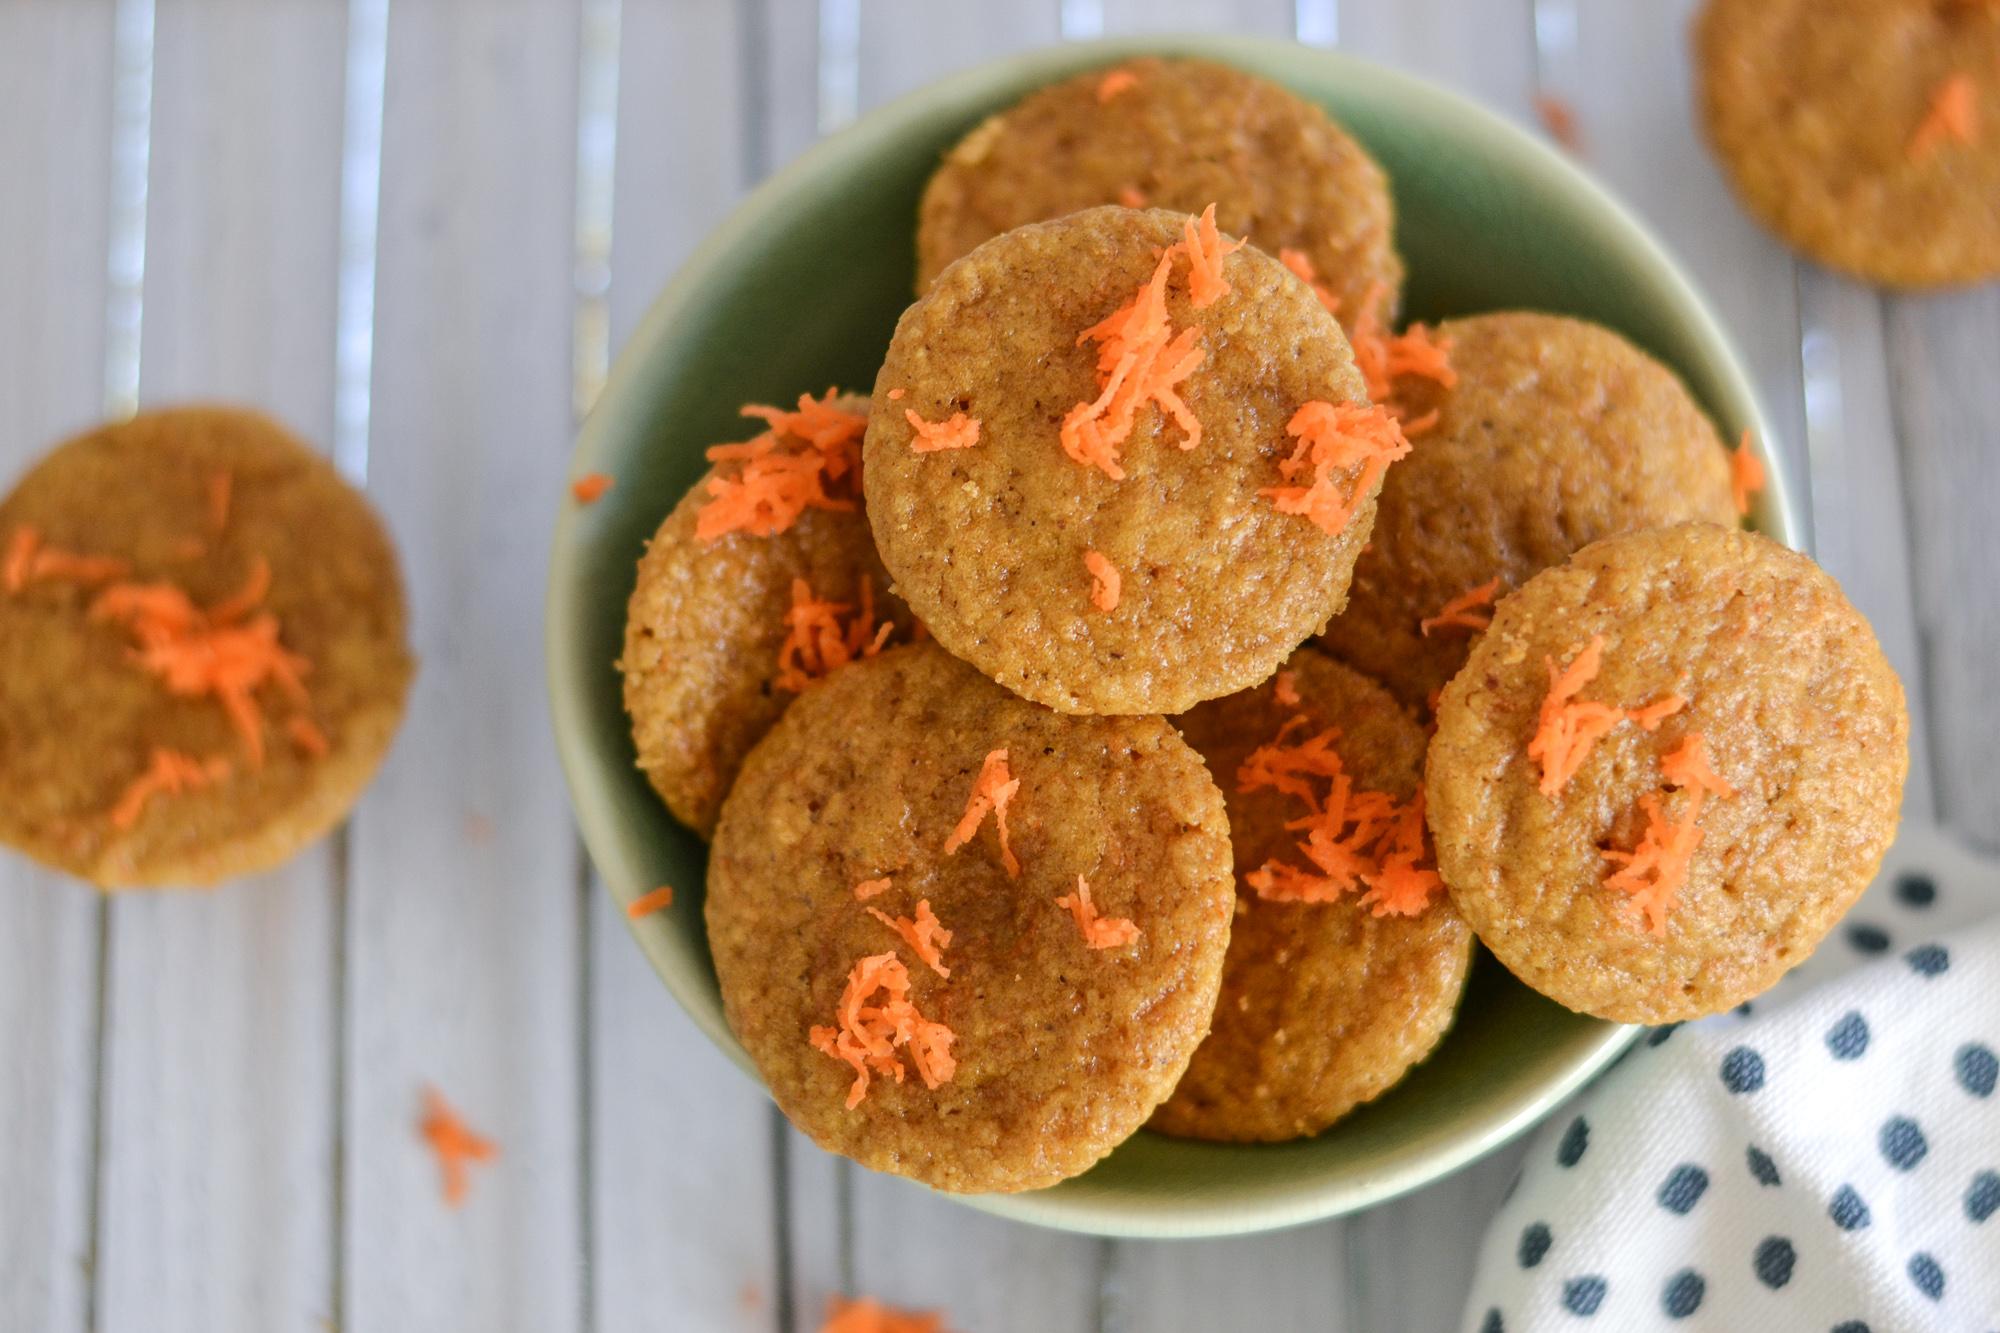 Carrot Cake Pancake Bites with Simple Mills pancake mix | By Sarah Rae